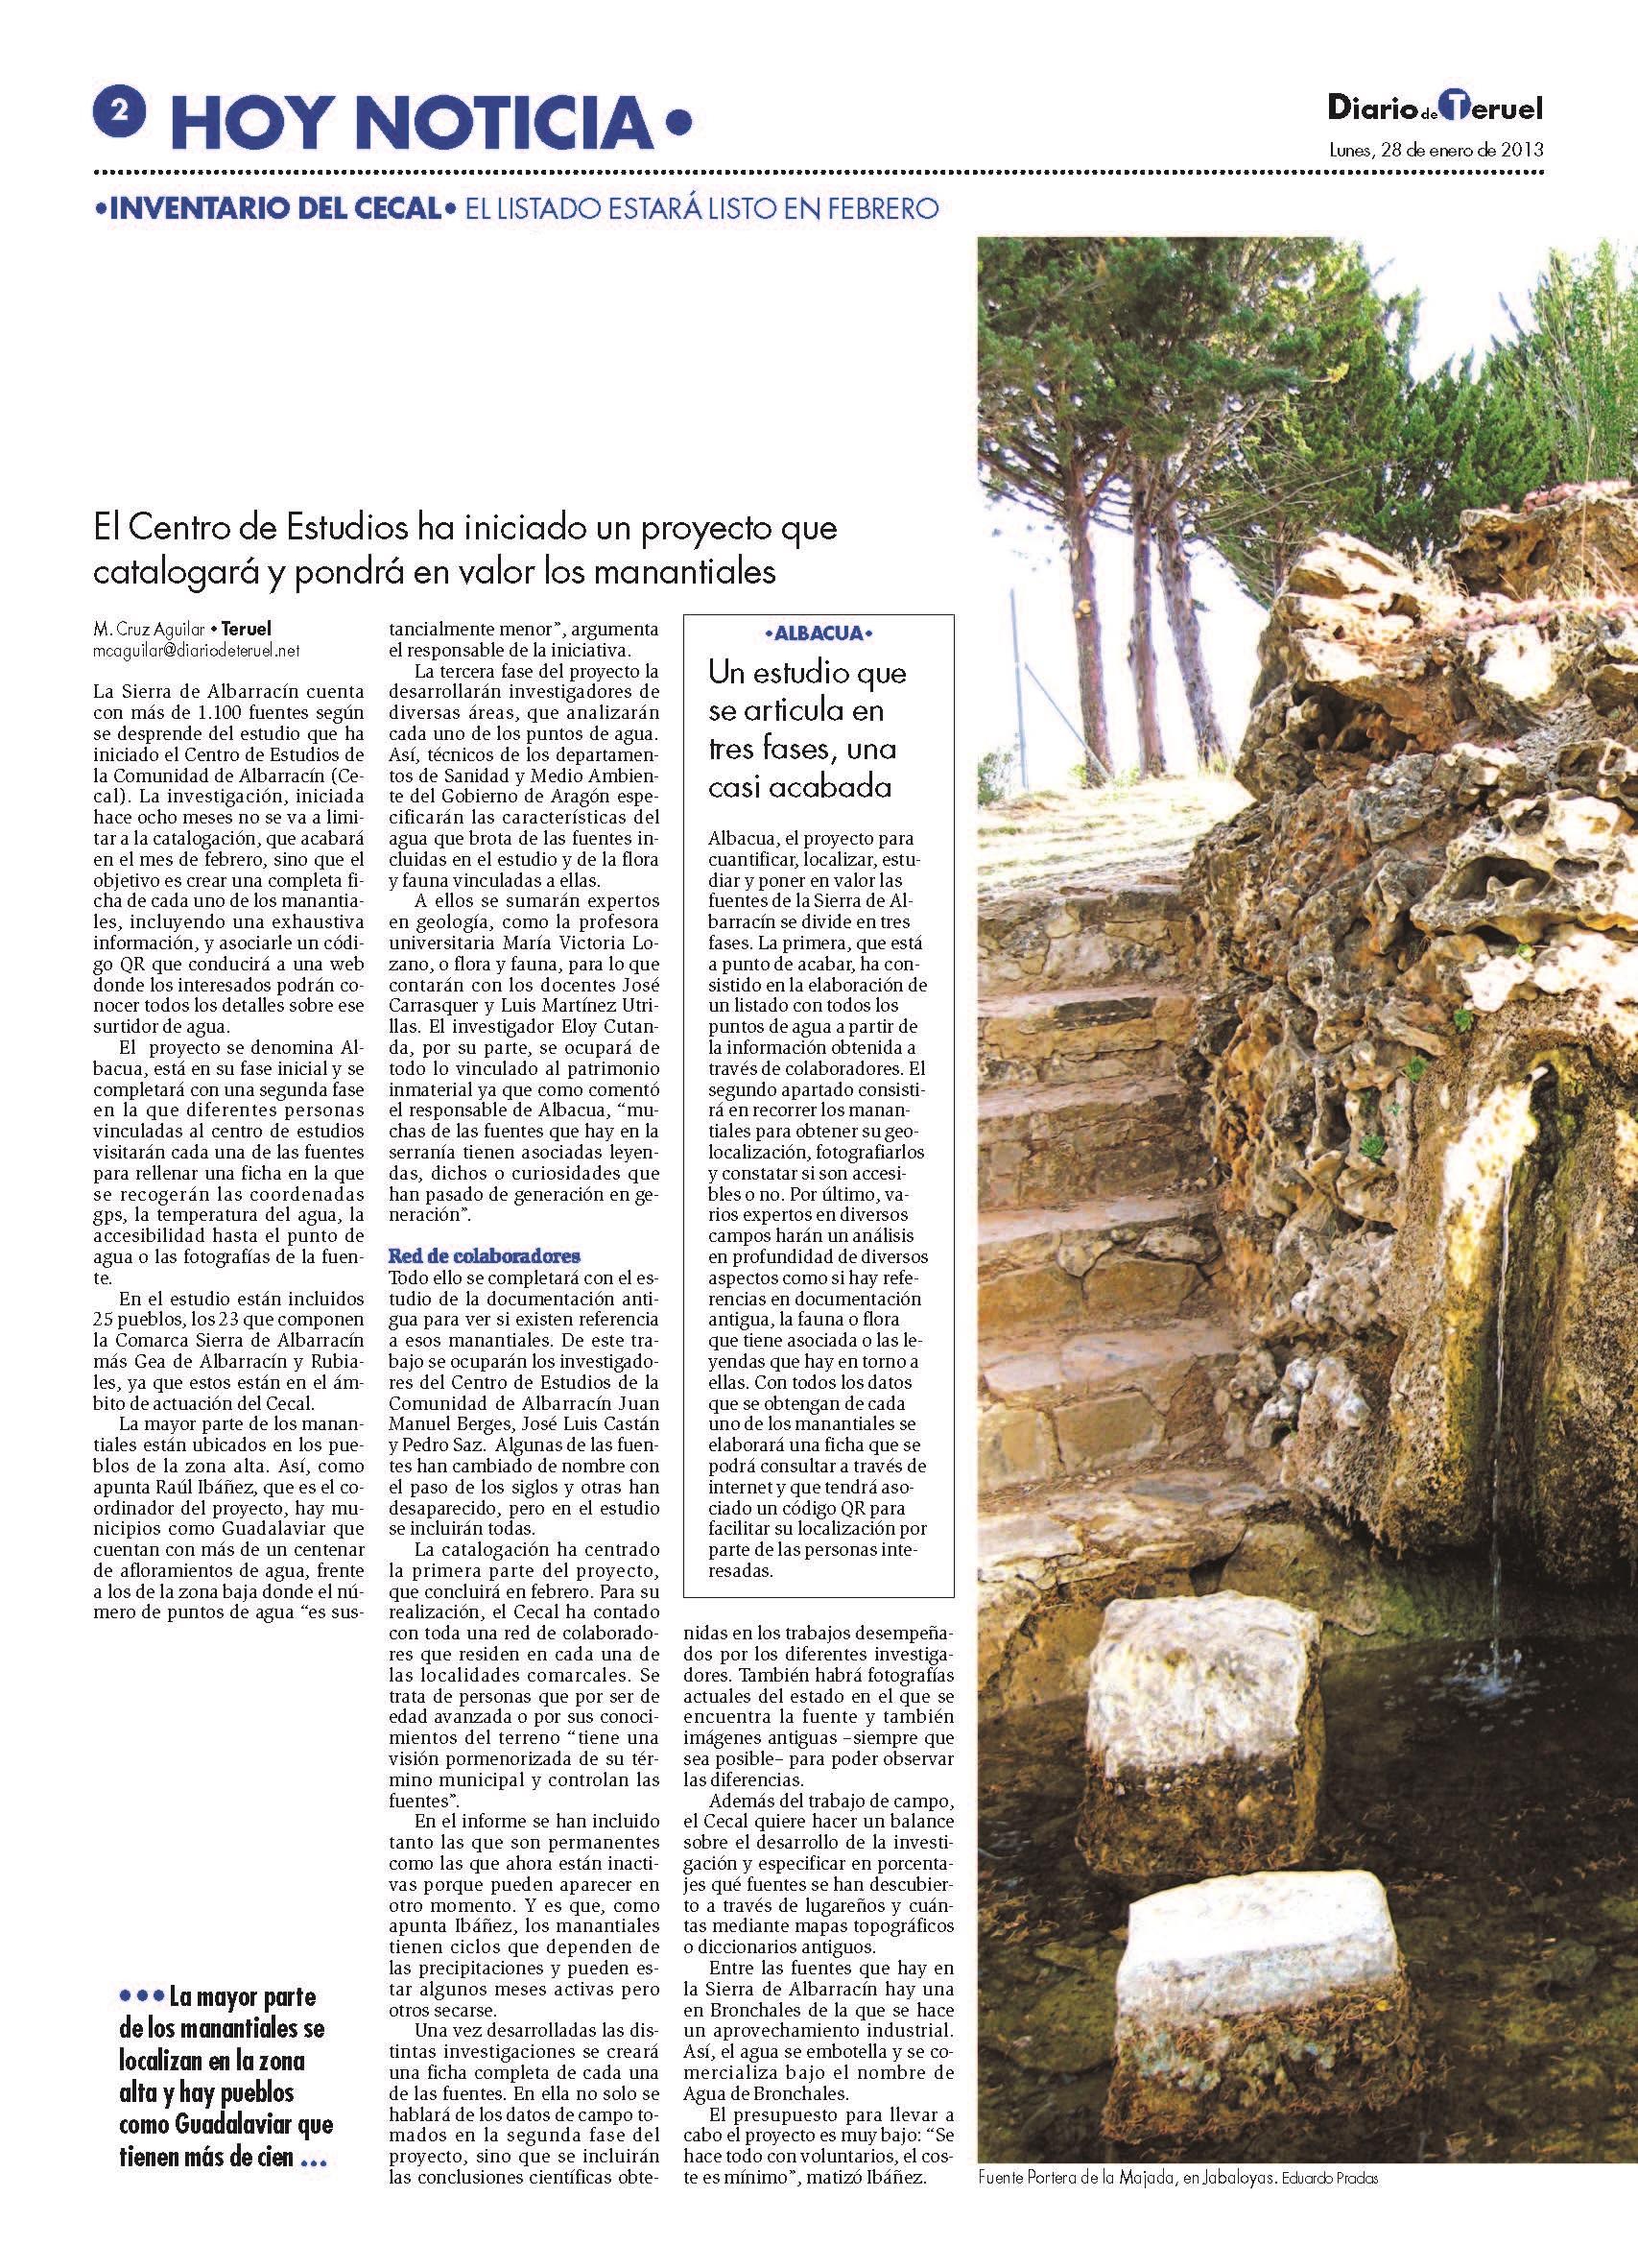 Imagen de PRIMEROS PASOS DEL PROYECTO